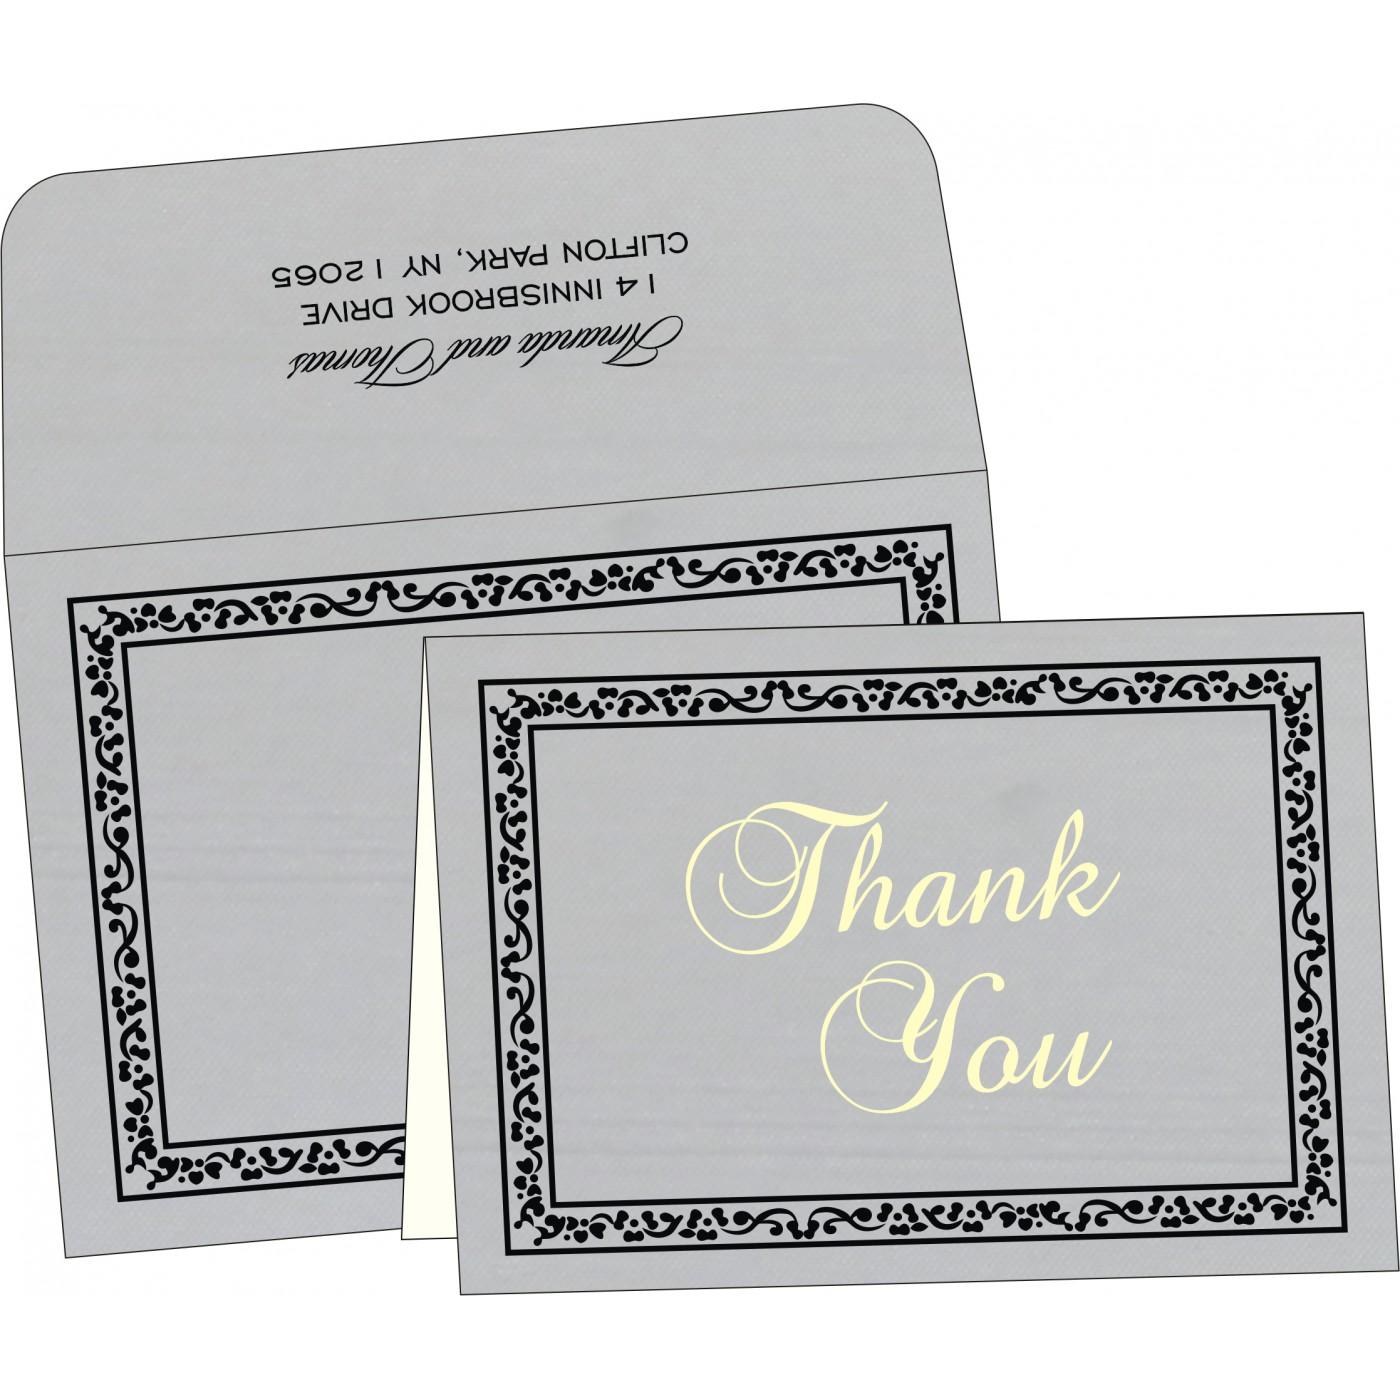 Thank You Cards : TYC-8214N - 123WeddingCards